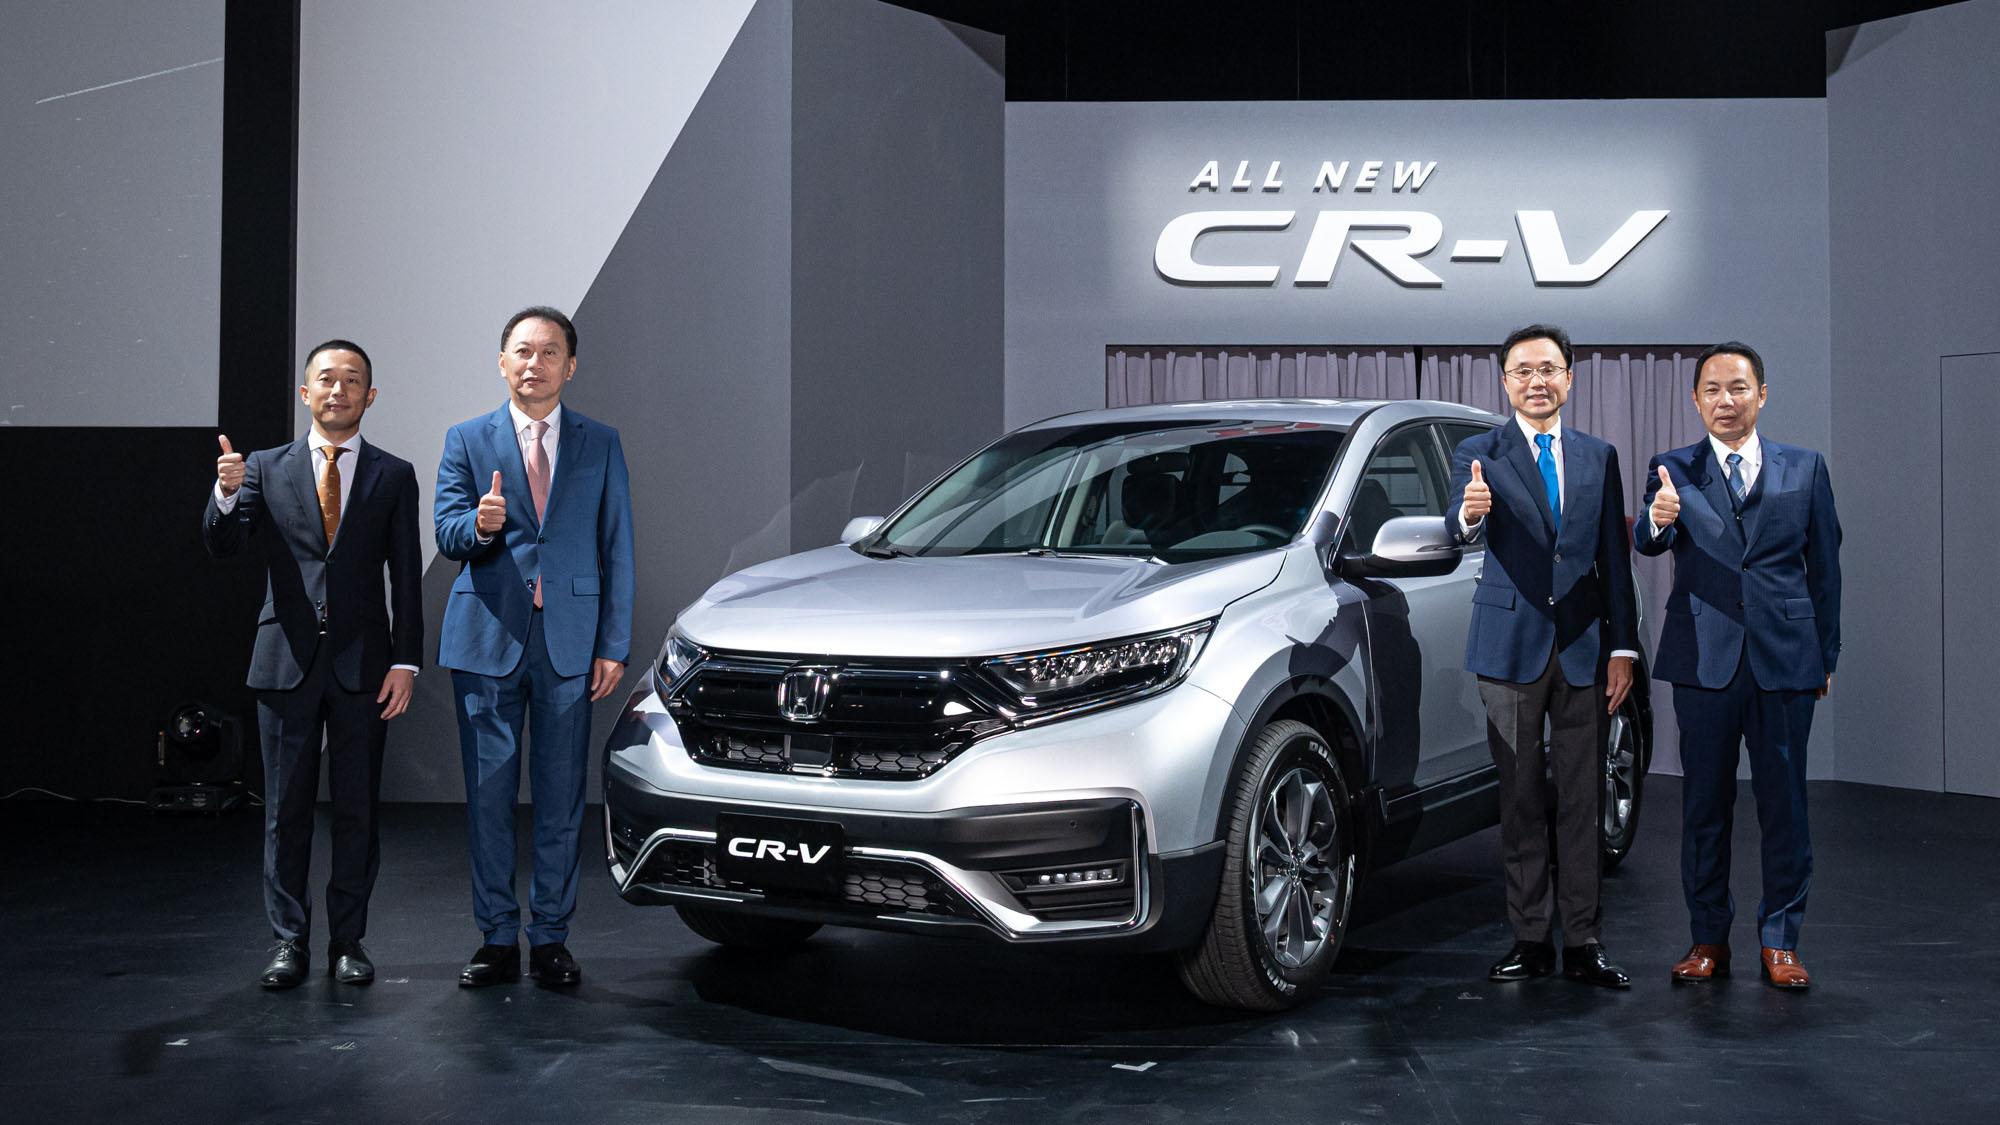 小改款 Honda CR-V 正式售價公佈,入門款 94.9 萬起